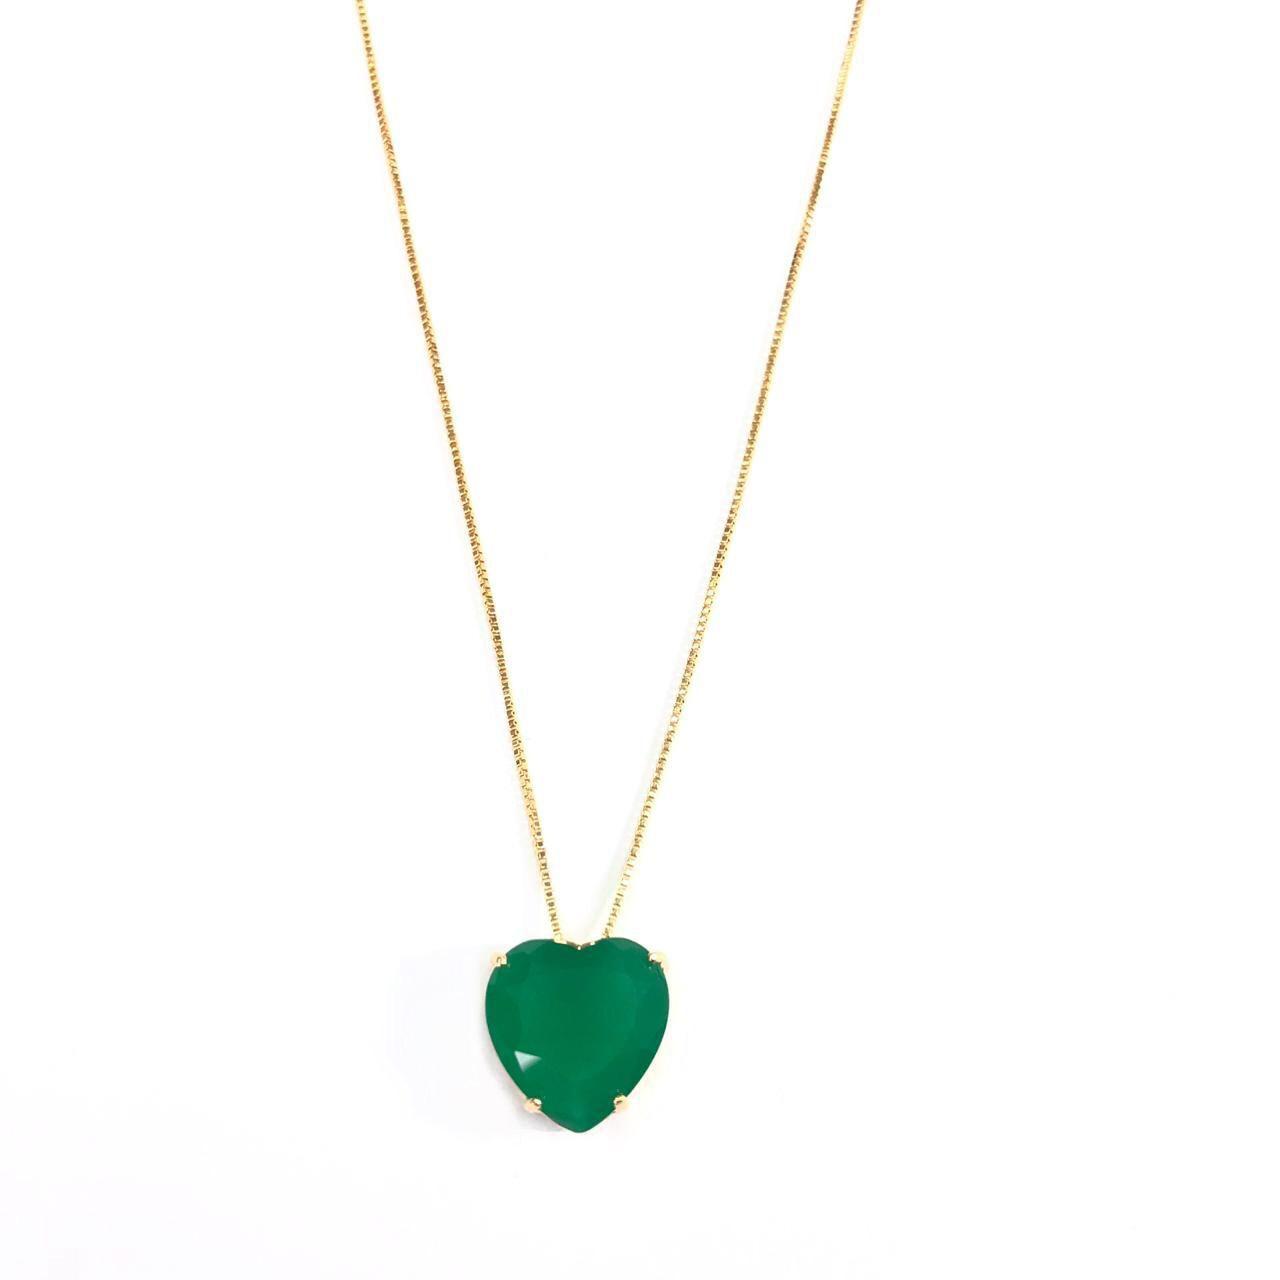 Corrente Pingente Coração Verde Banho em Ouro 18k